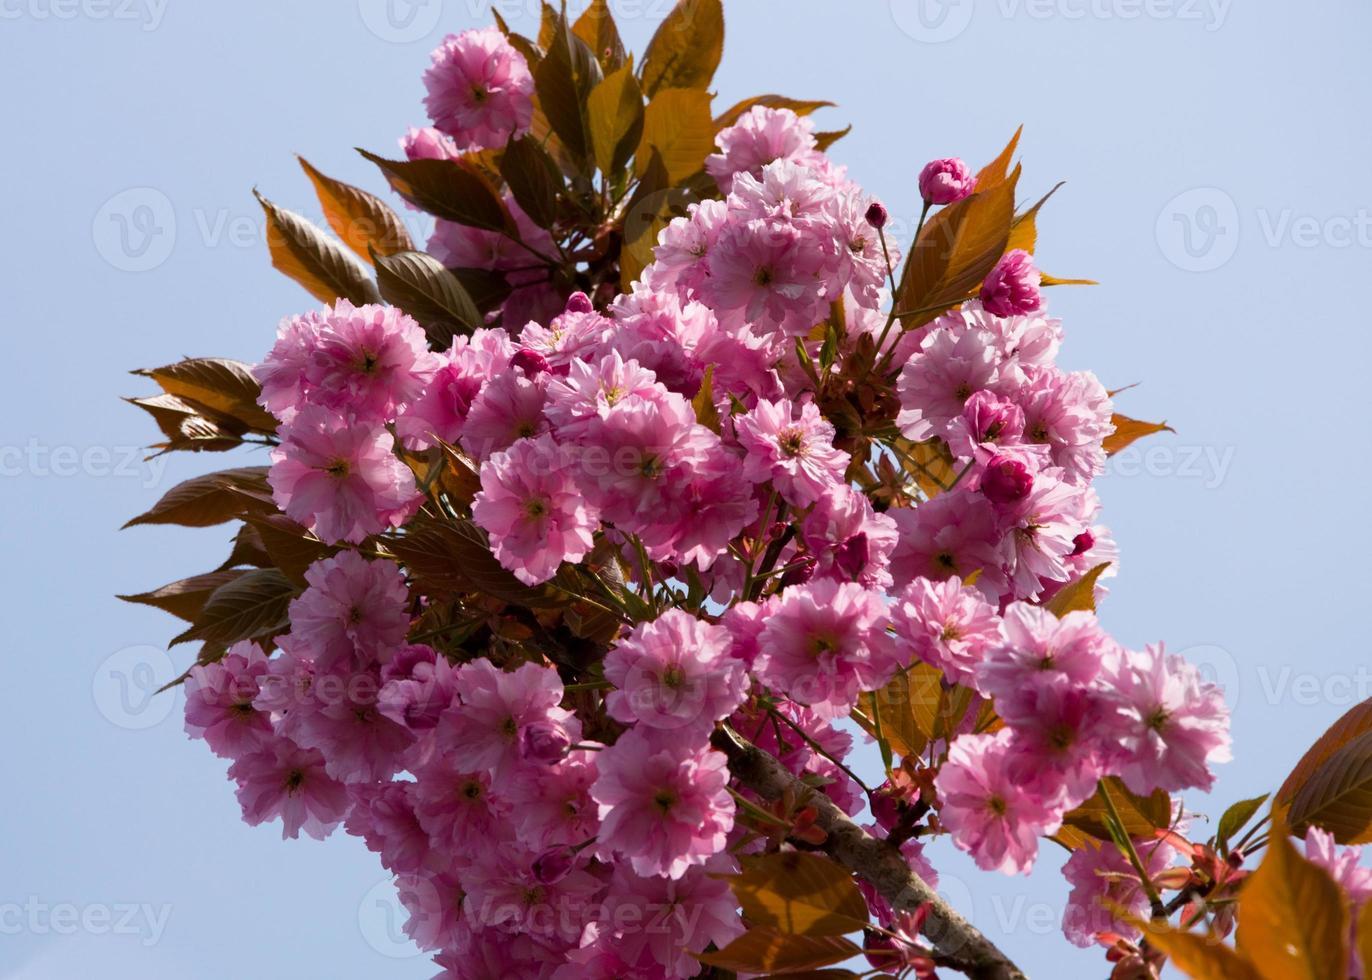 flor de cerezo de primavera contra el cielo azul foto